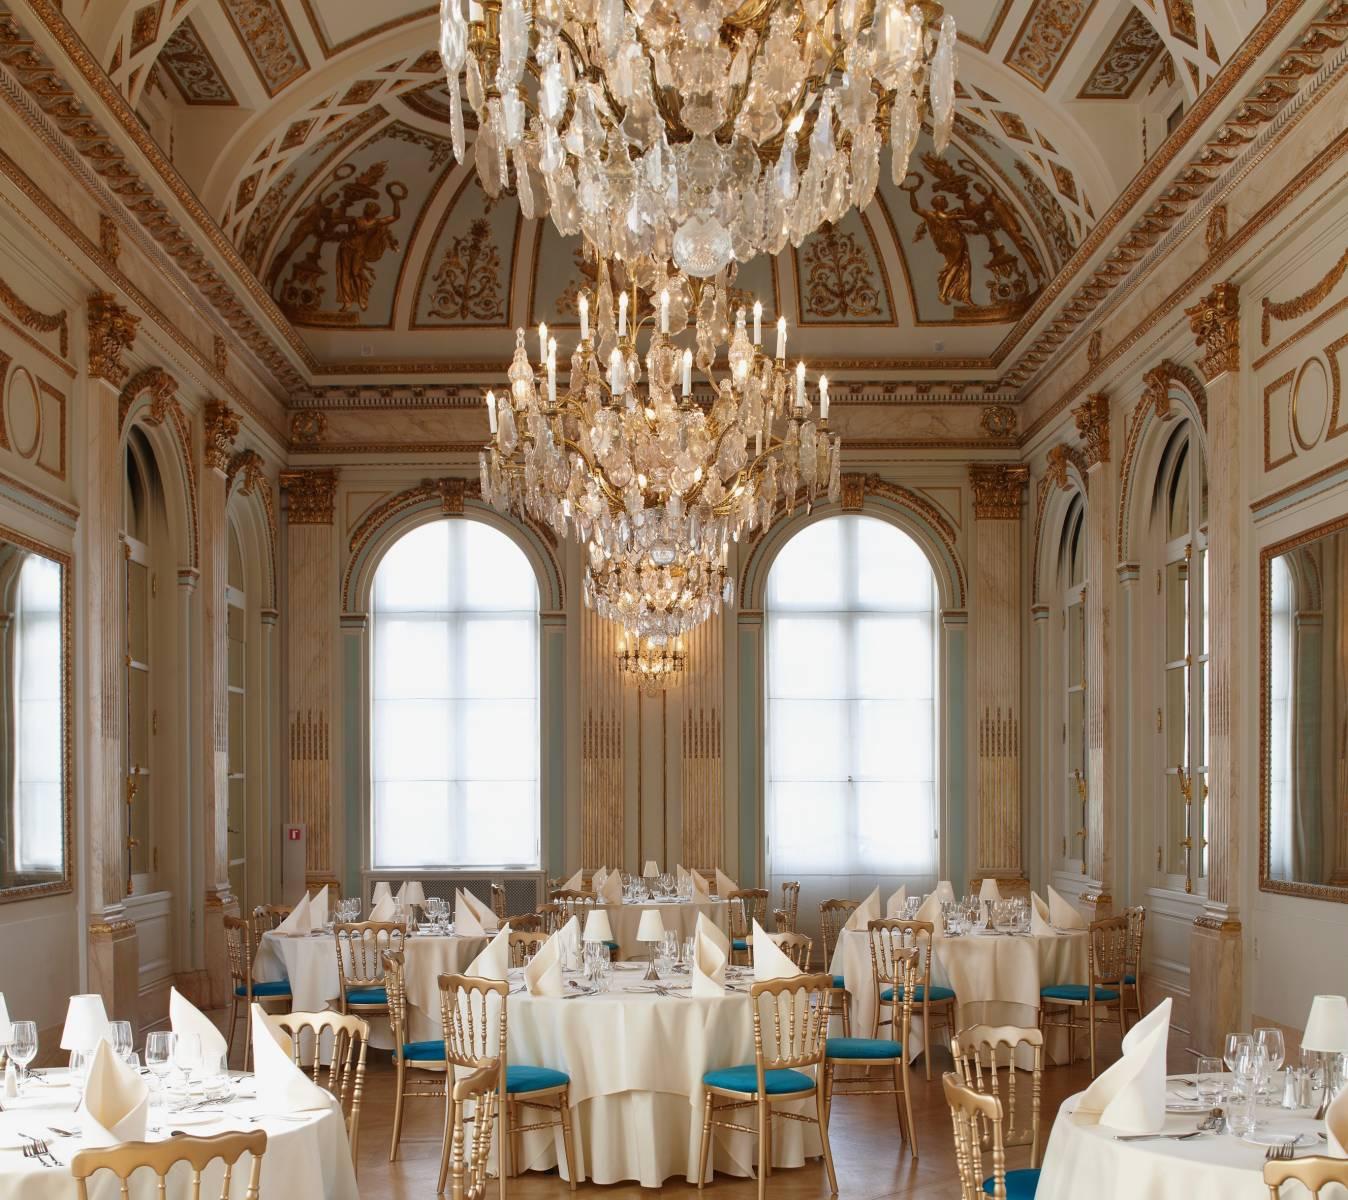 De Spiegelzaal - Feestzaal op de Meir - Antwerpen - House of Weddings - 10